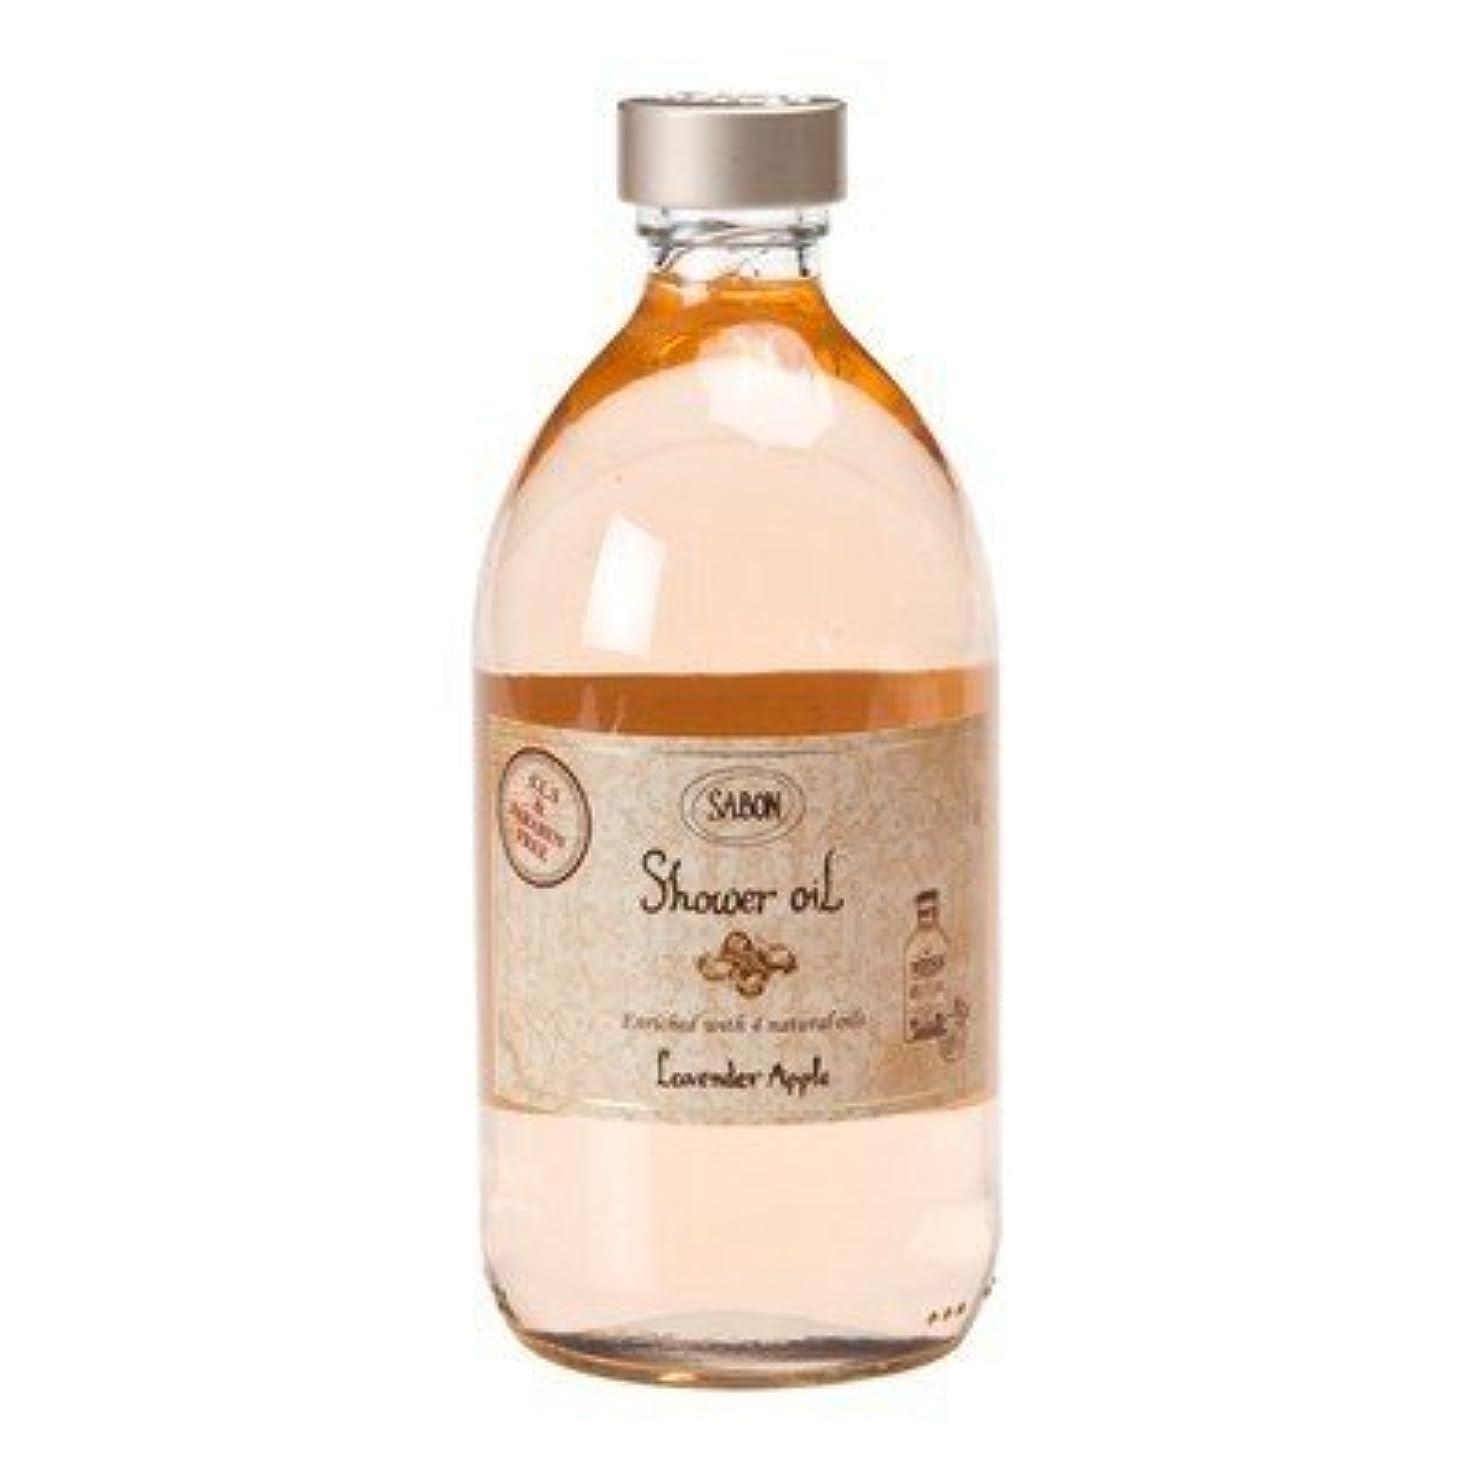 硬化する菊ドルサボン シャワーオイル ラベンダー アップル 500ml 並行輸入品 (ポンプ付き)